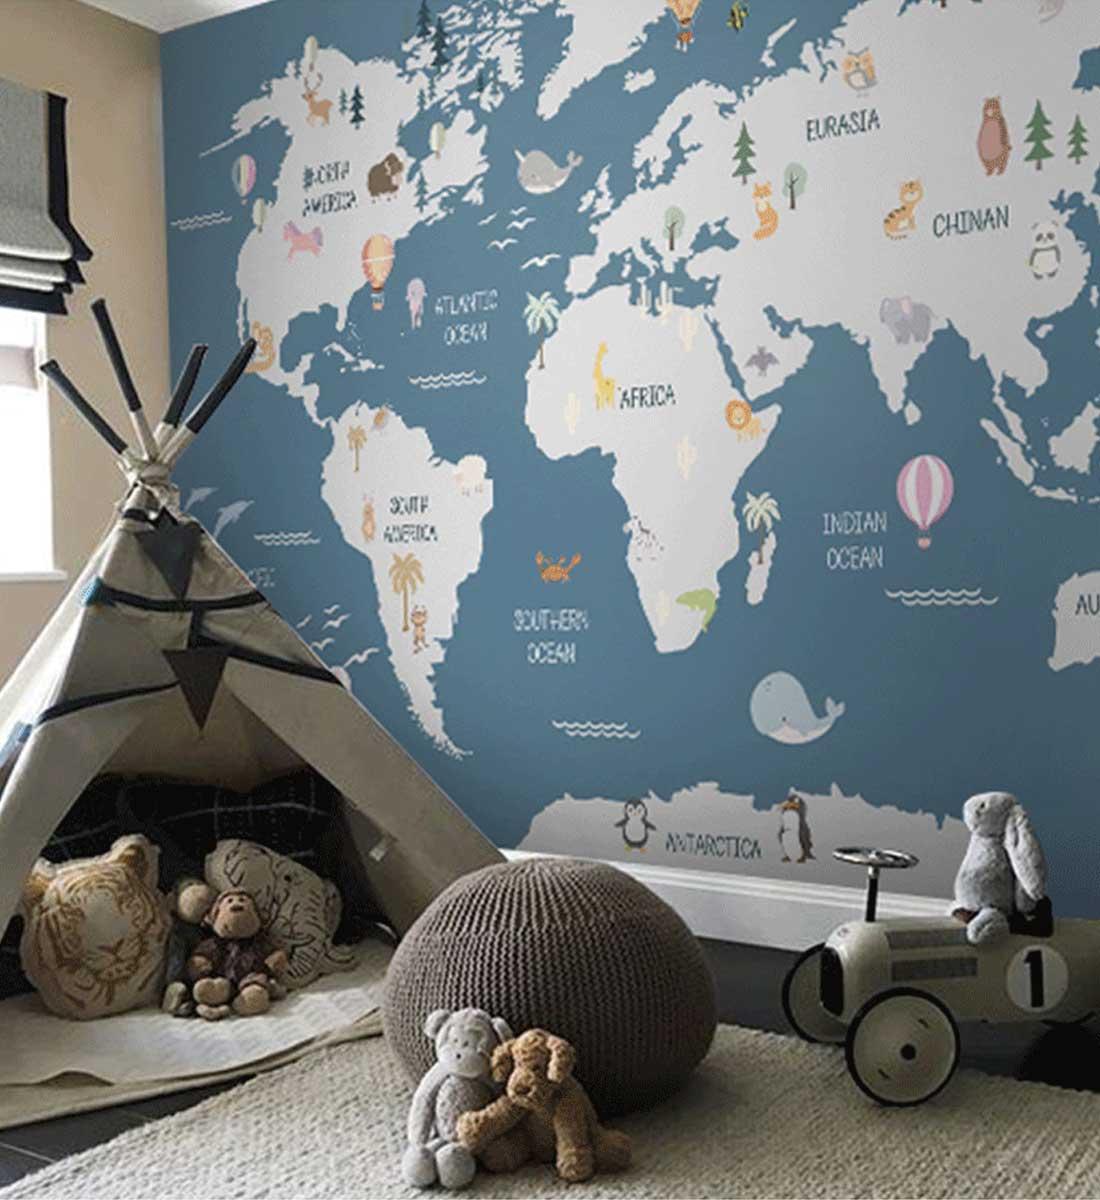 JCC天洋环游世界地图儿童房定制墙布